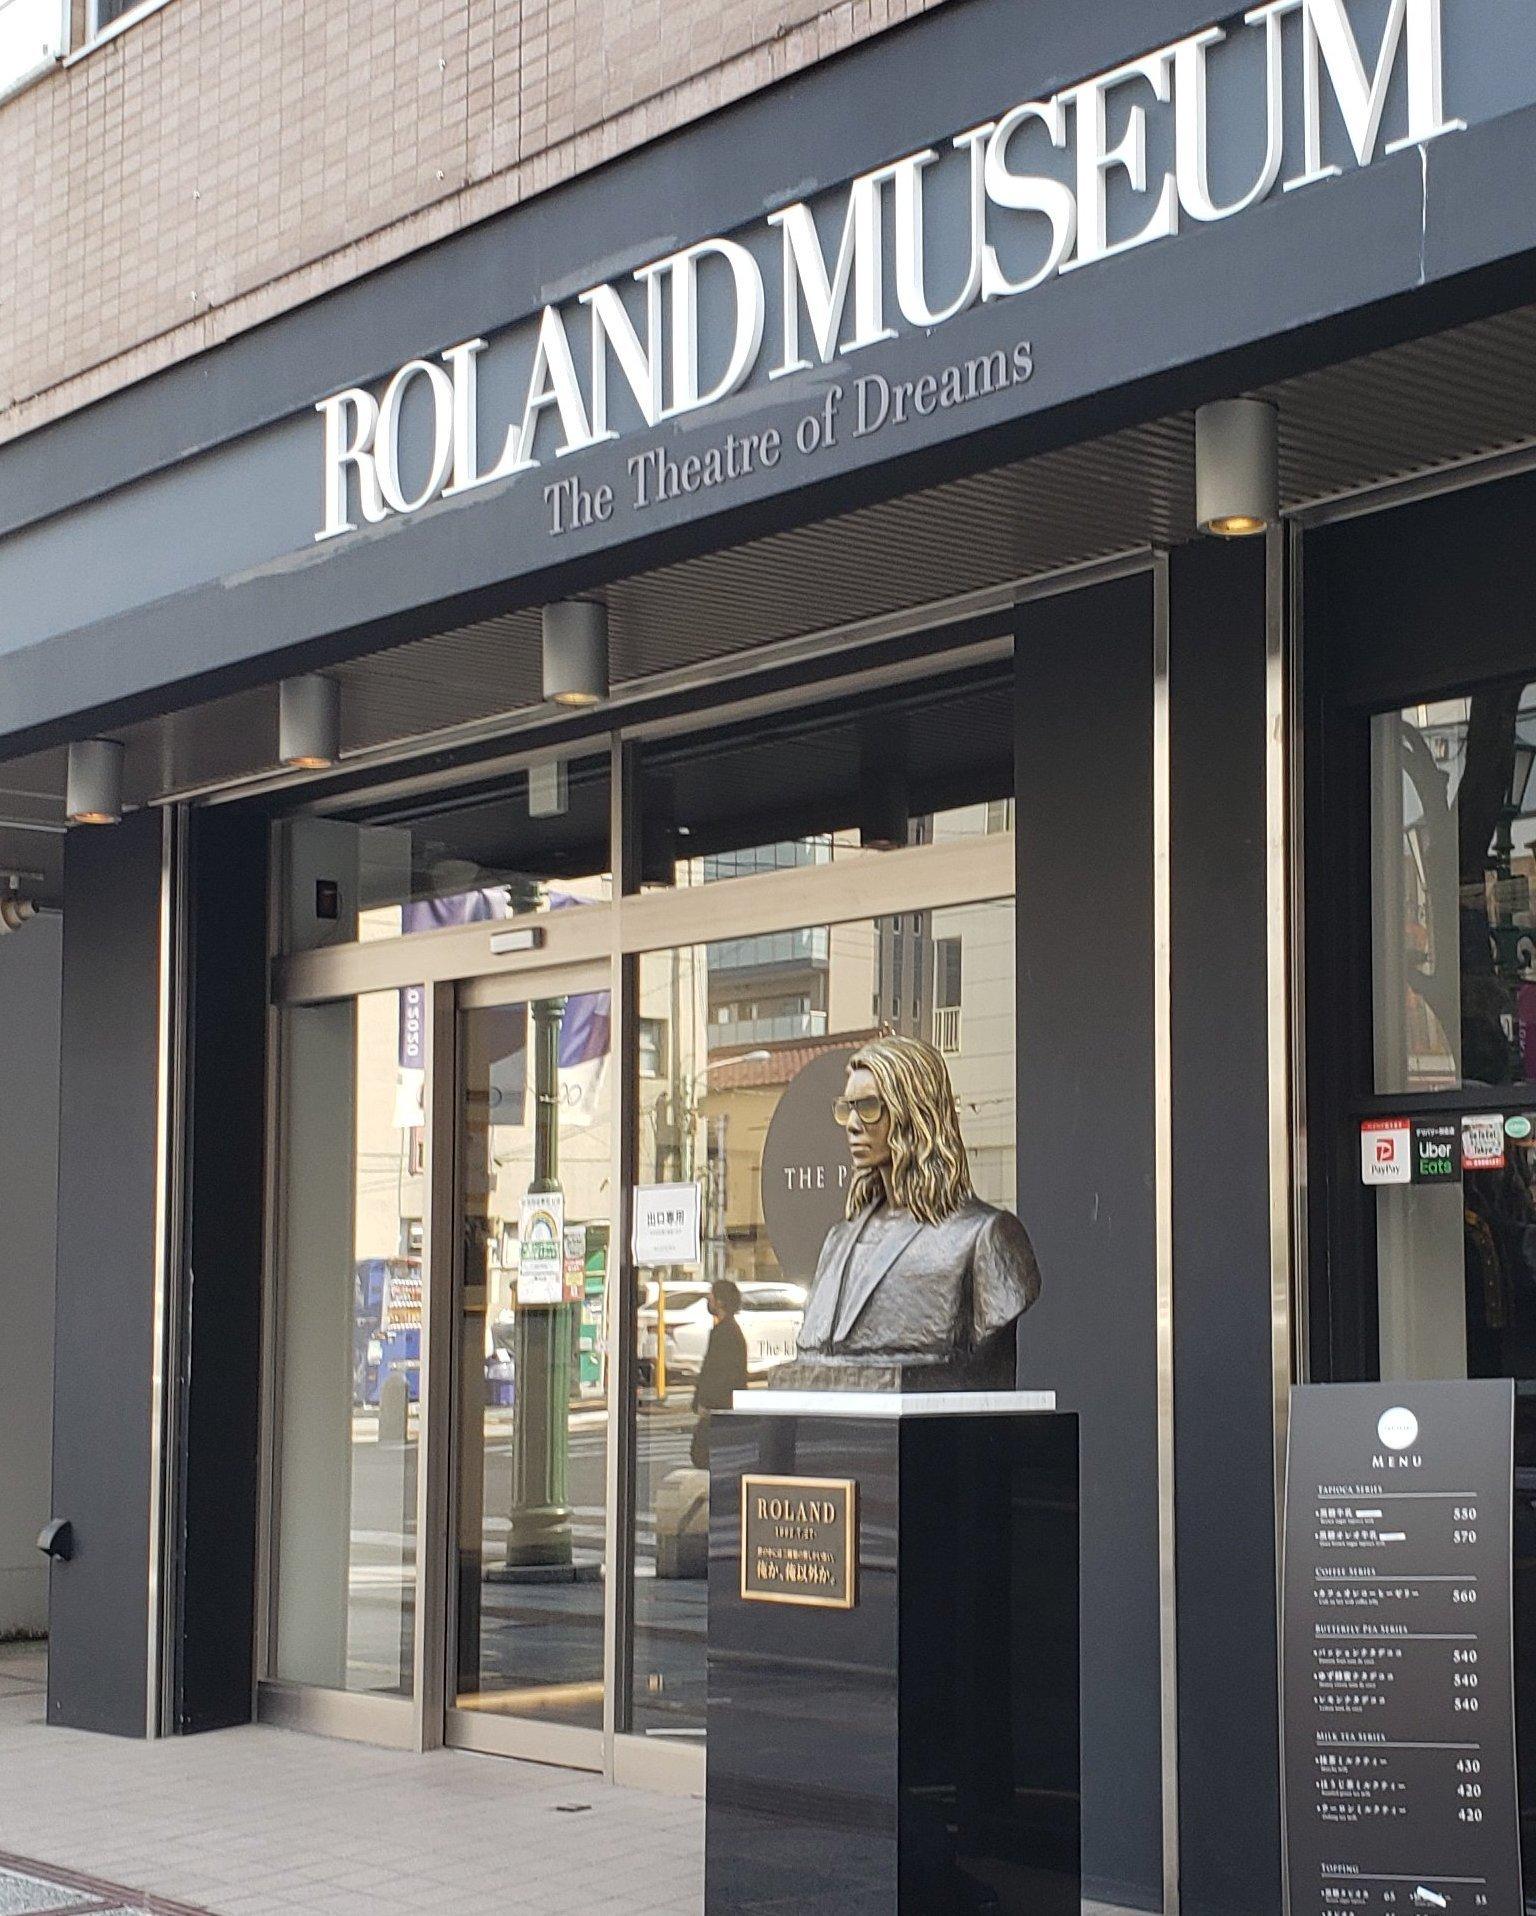 ローランドミュージアム